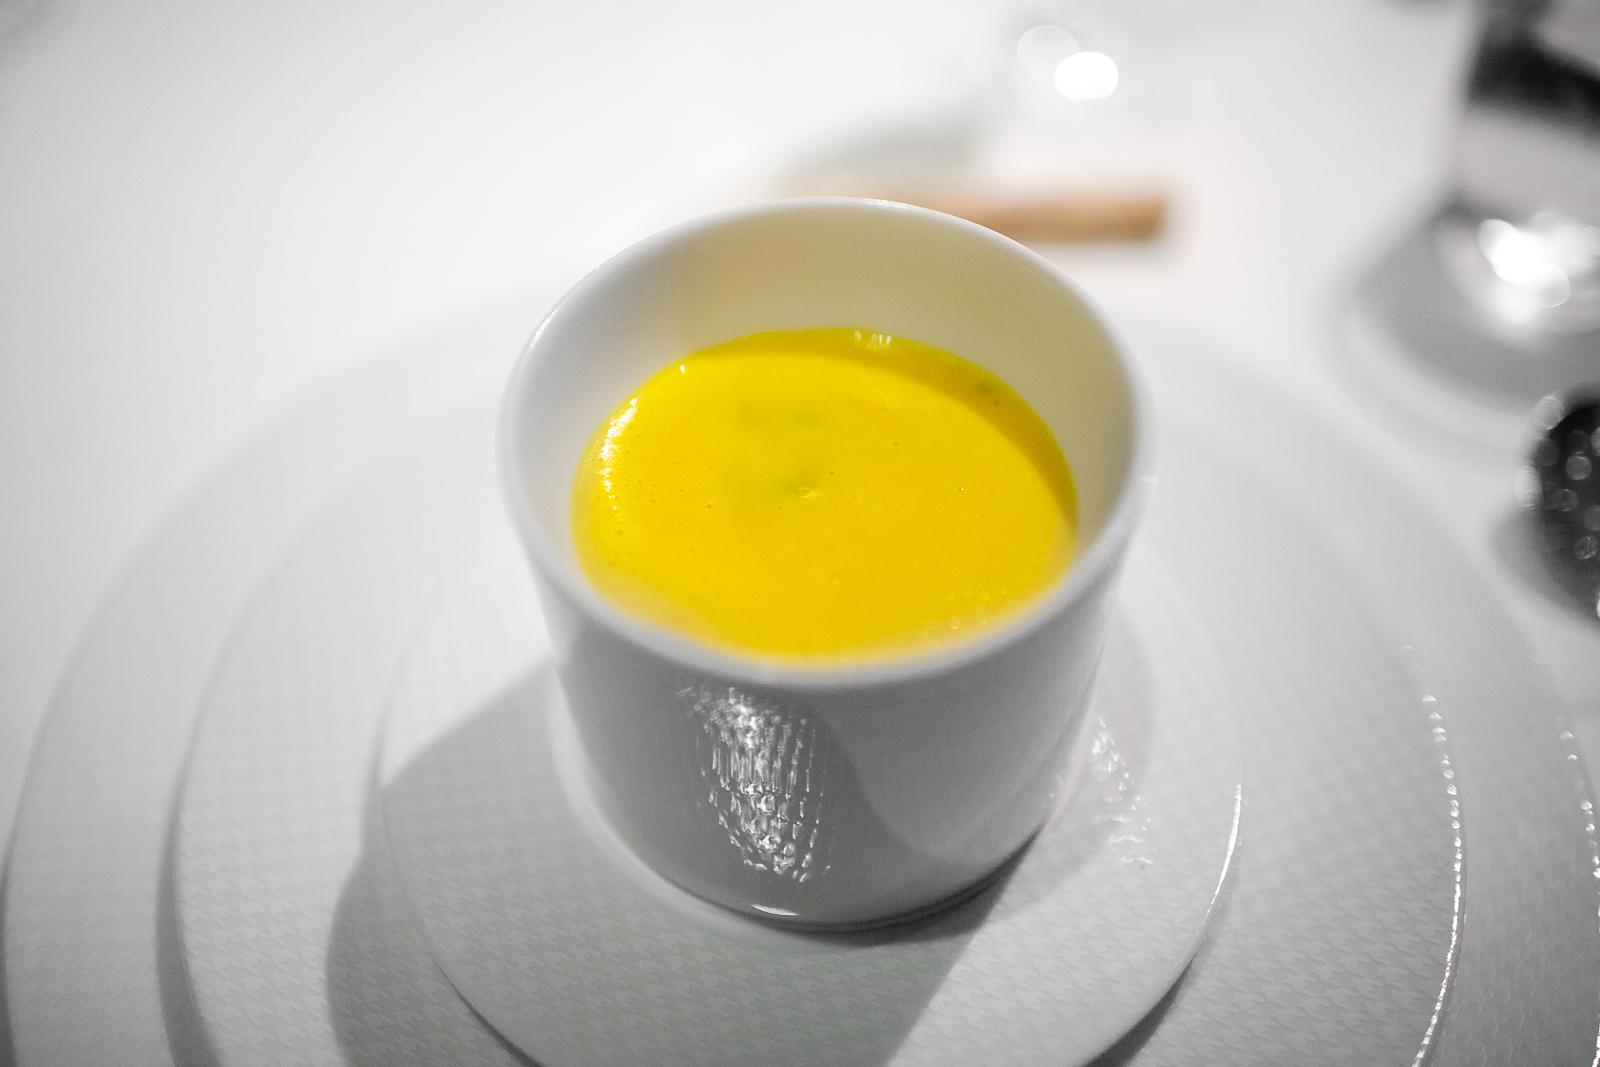 1st Course: La soupe de musquée de provence